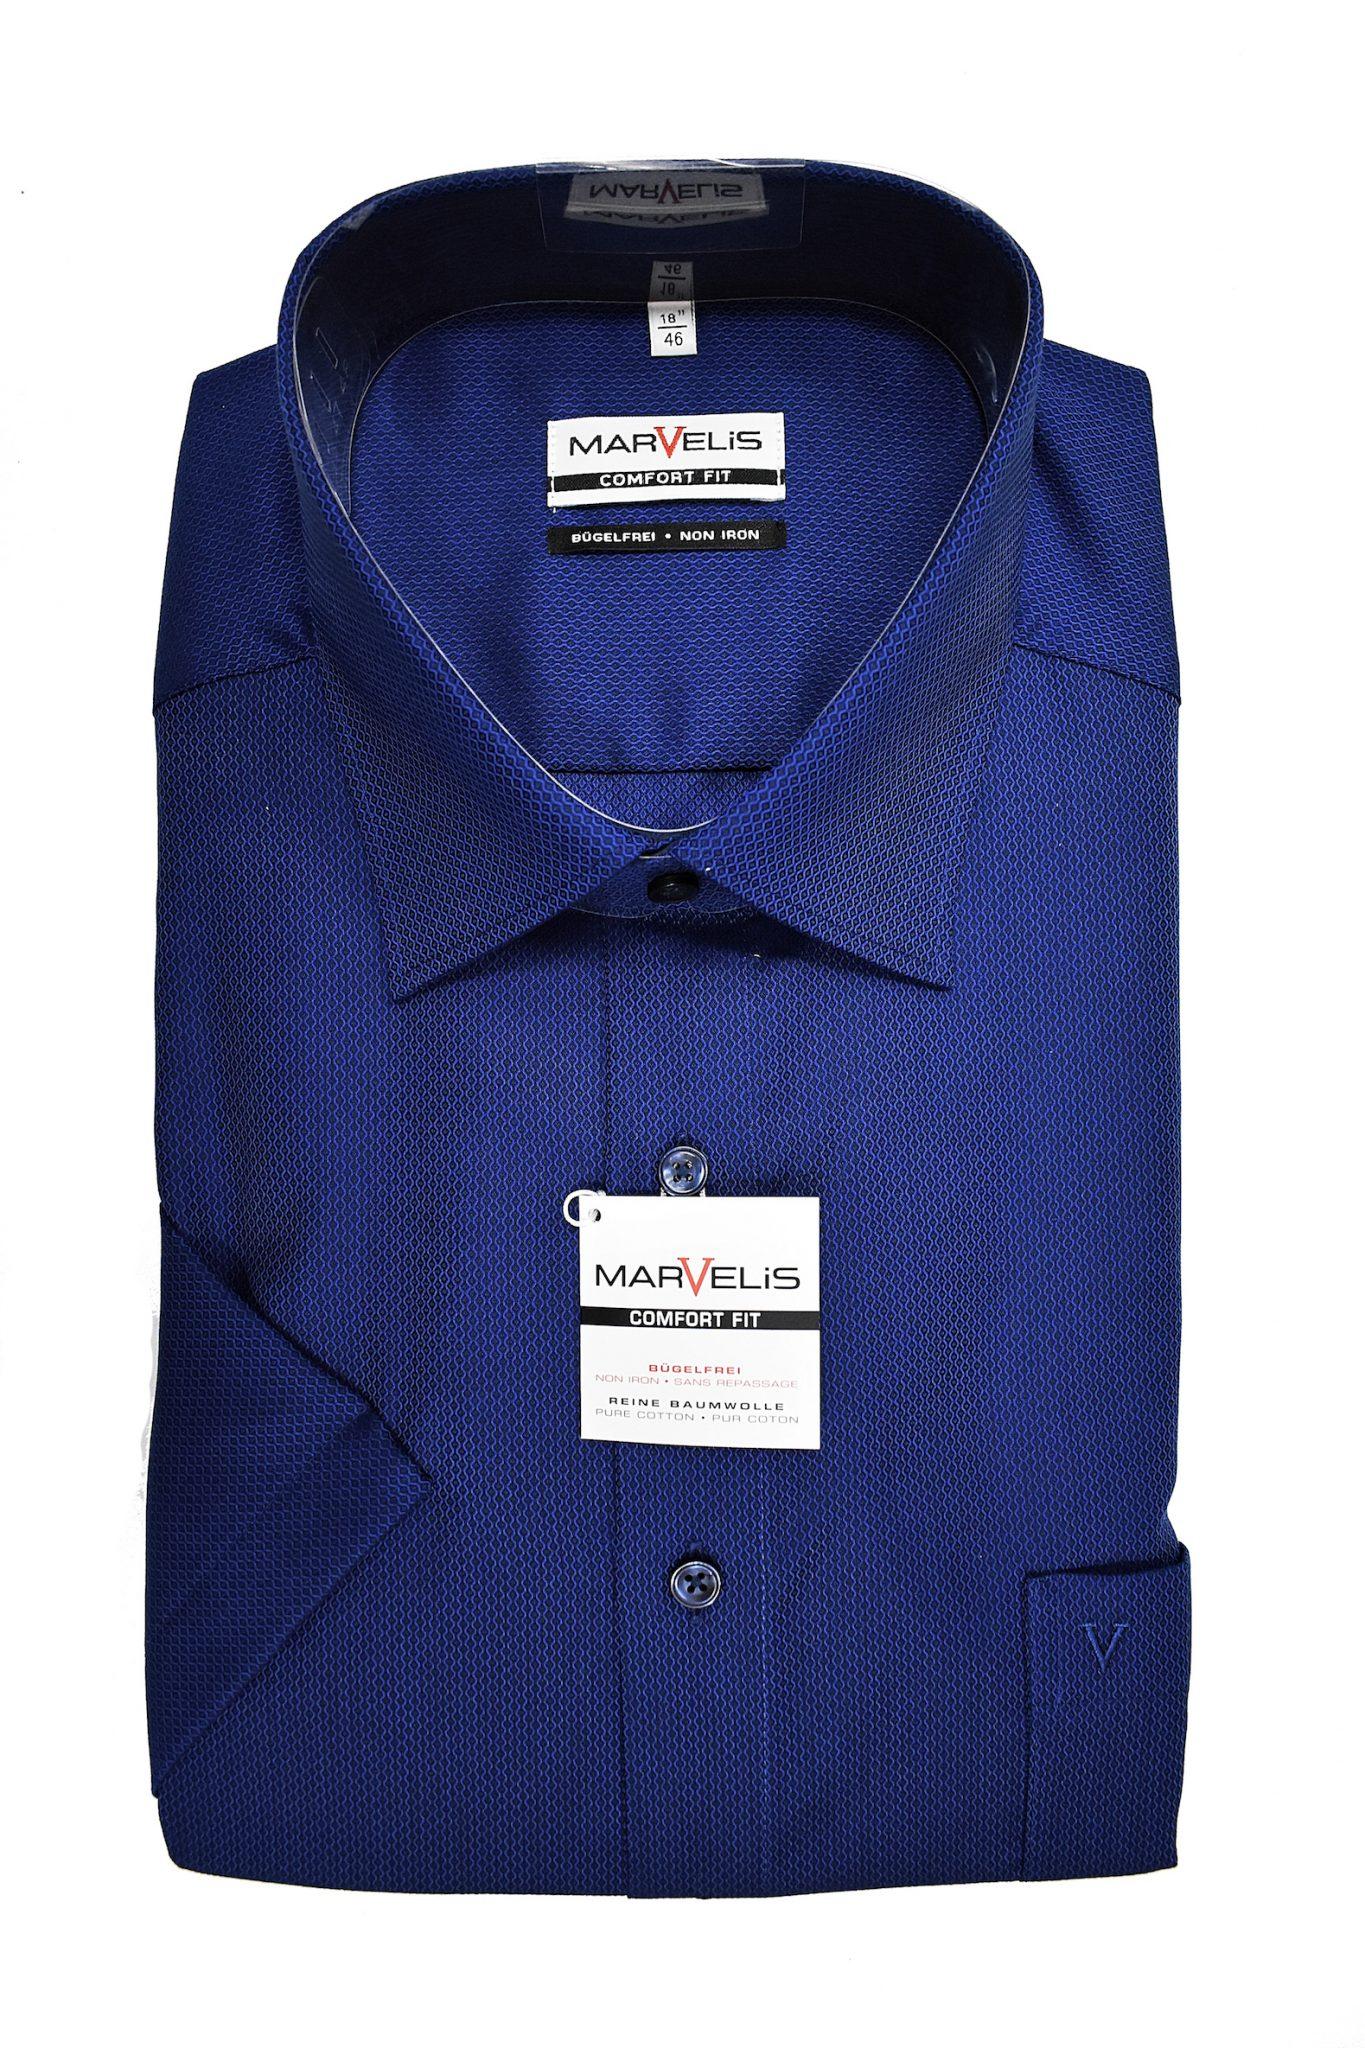 Marvelis grote maat overhemd korte mouw blauw werkje strijkvrij